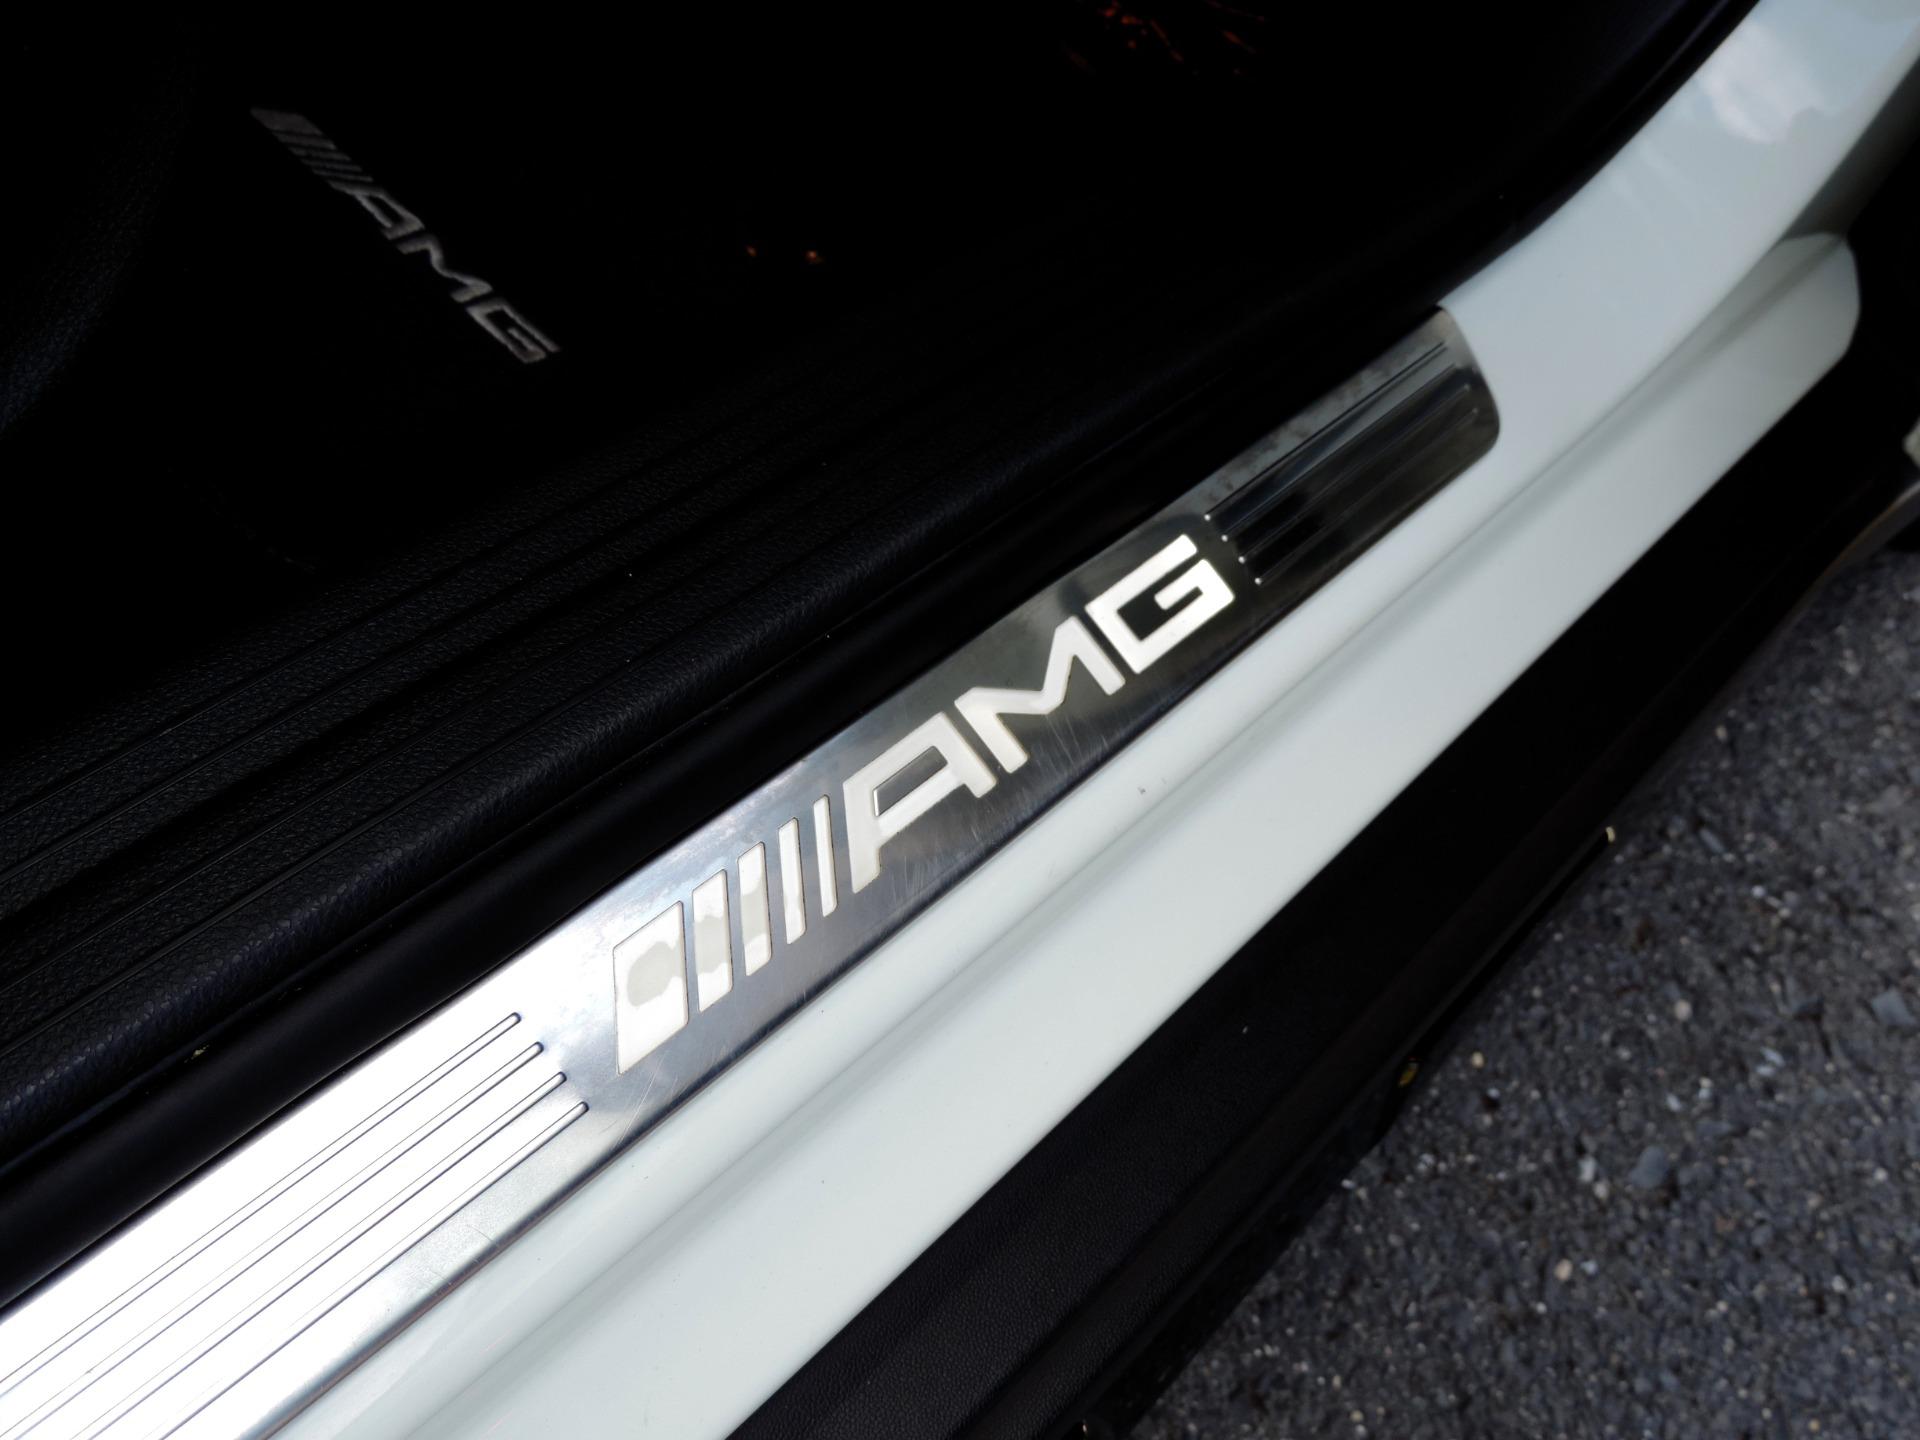 2015 mercedes benz gla gla 45 amg stock 049935 for sale for Mercedes benz nj dealerships